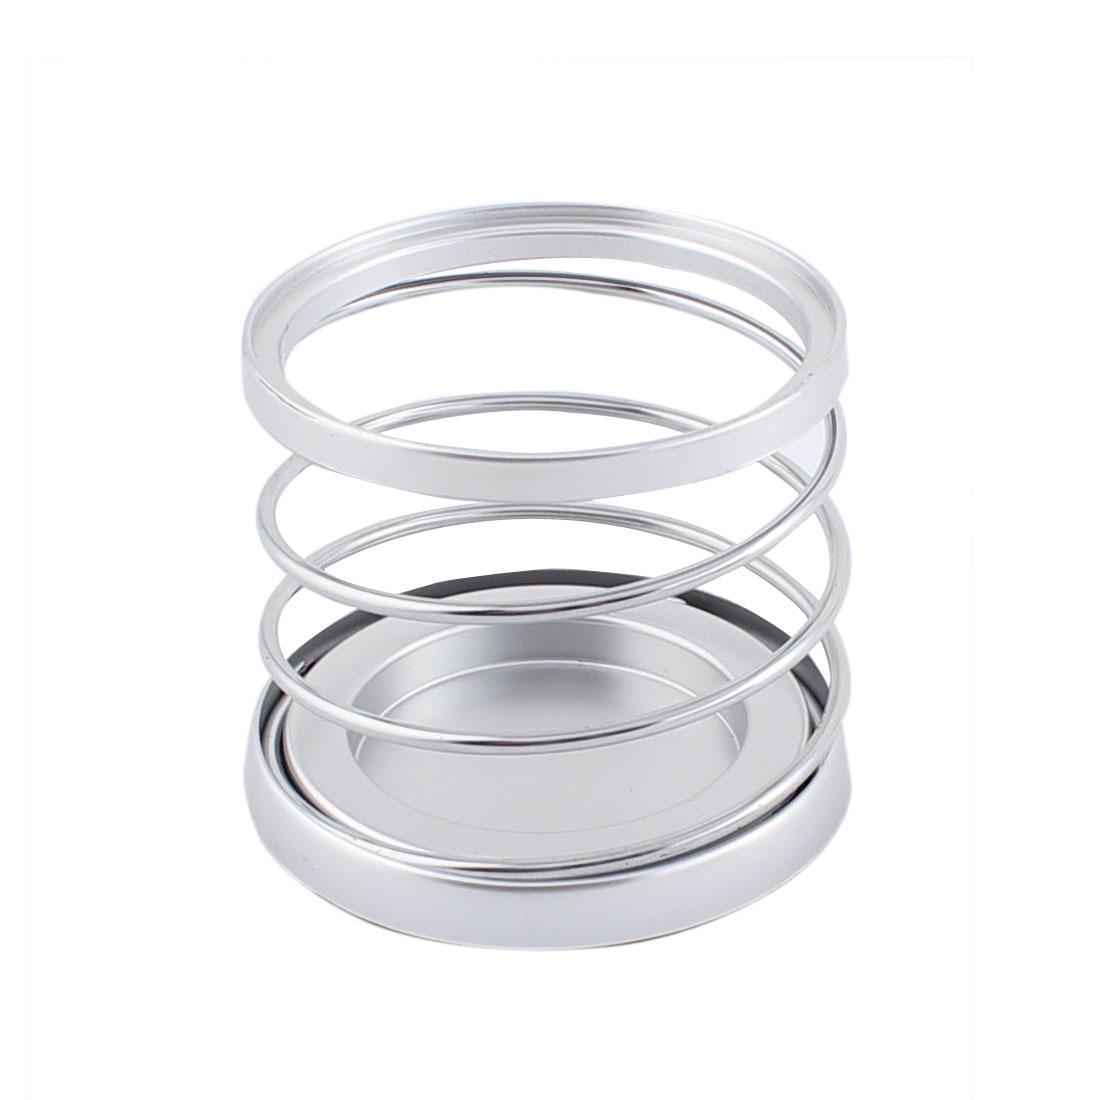 Car Automobile Metal Spring Beverage Rack Shelf Cup Bottle Holder Silver Tone